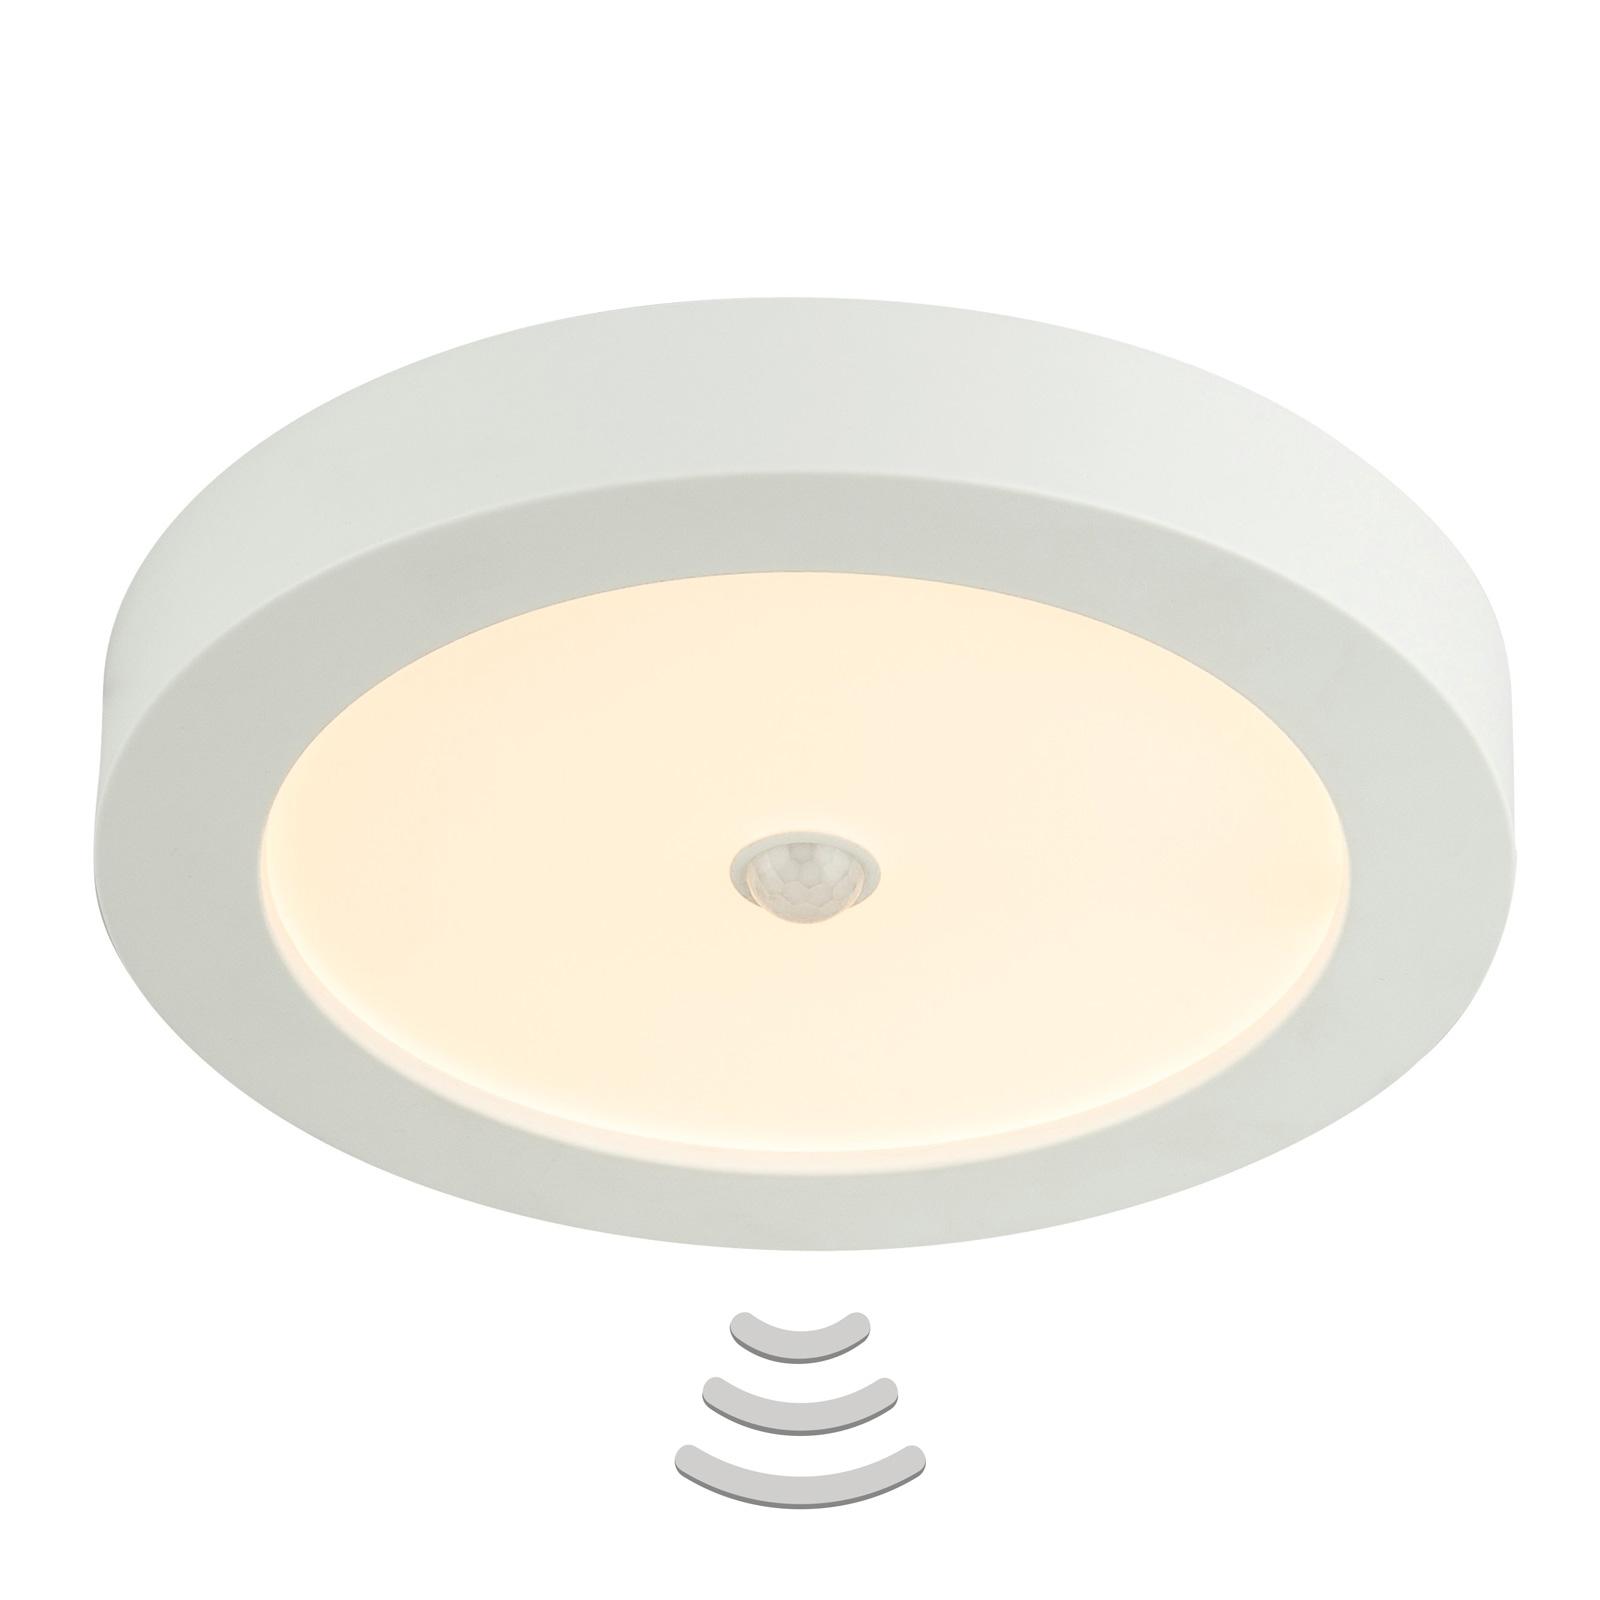 LED-Deckenleuchte Paula 18 W mit Bewegungsmelder